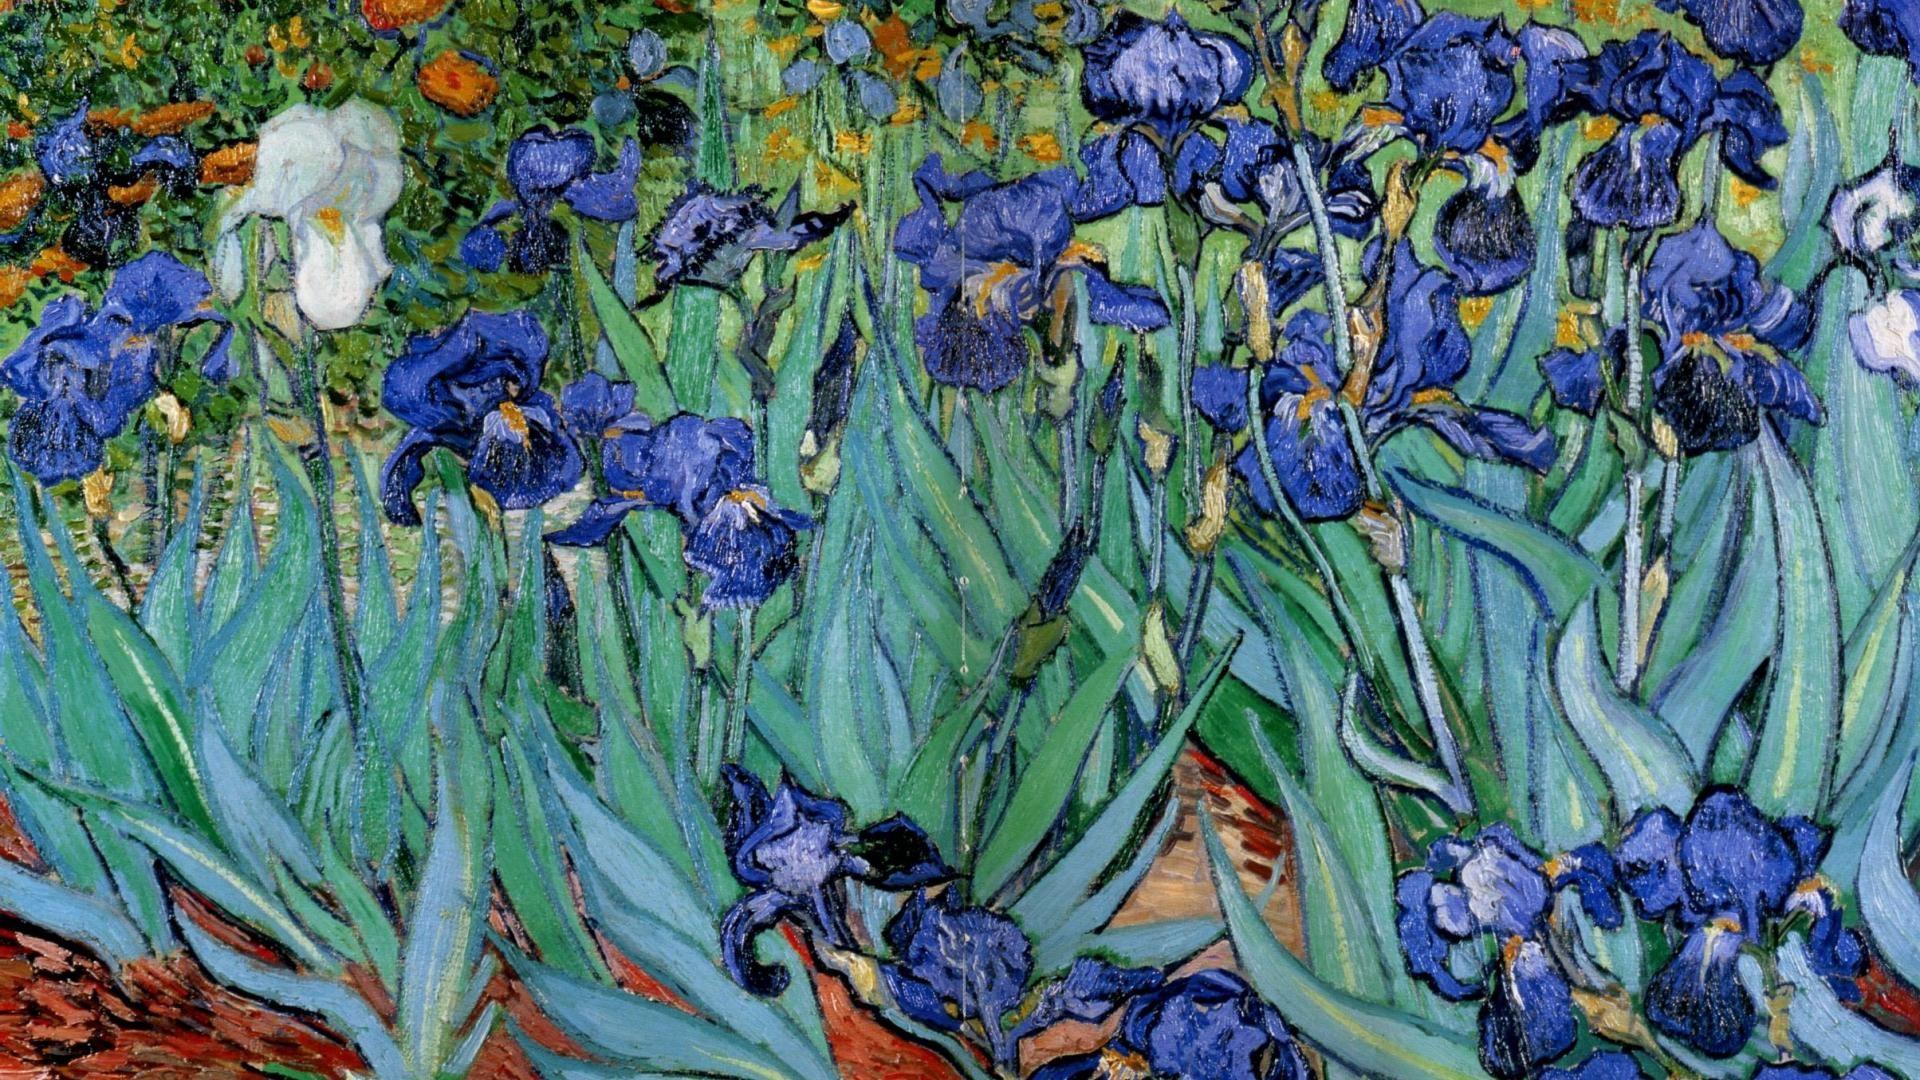 Van Gogh Paintings Wallpapers Top Free Van Gogh Paintings Backgrounds Wallpaperaccess With Images